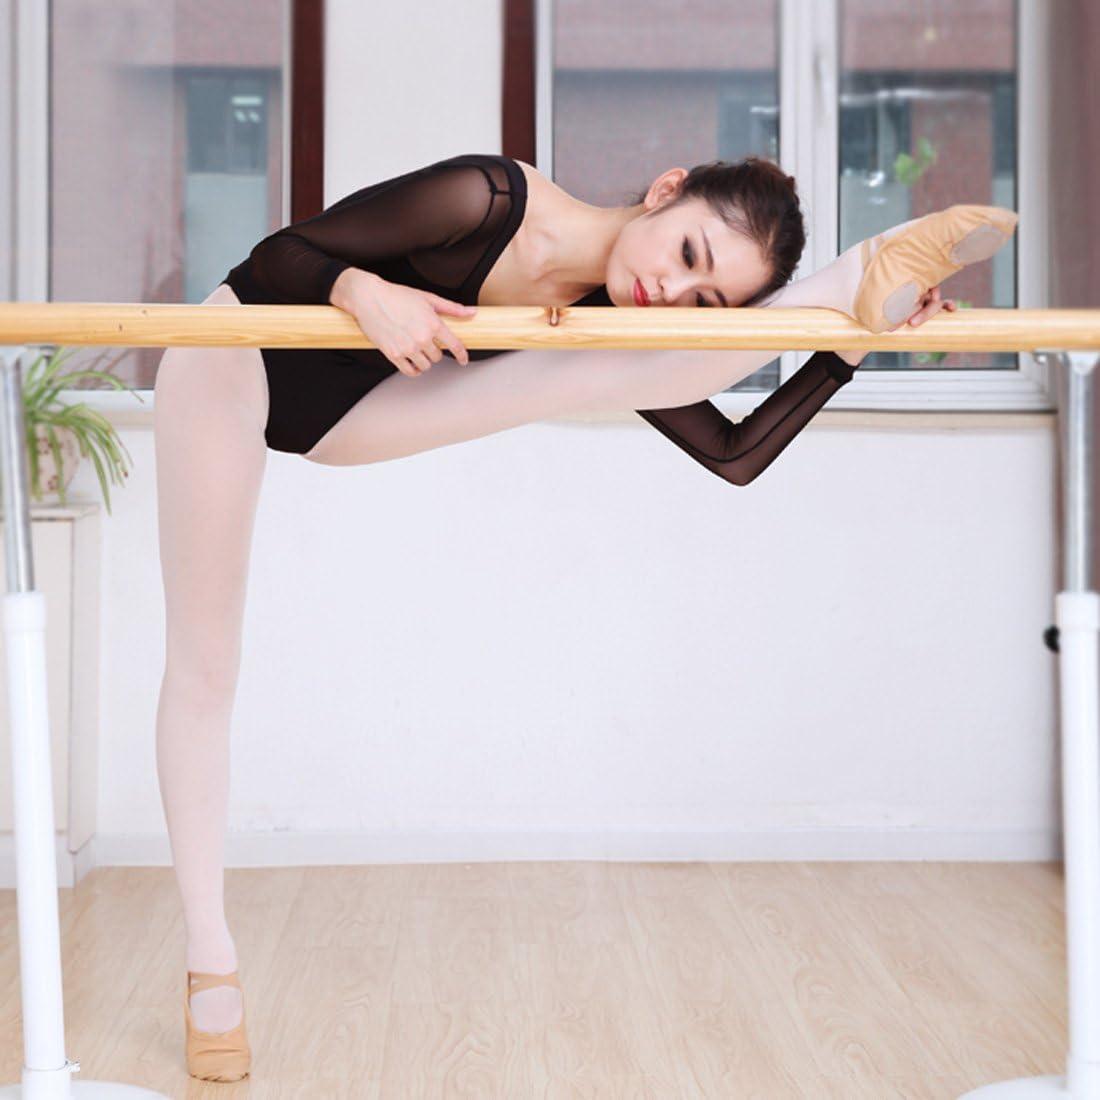 FEOYA Justaucorps Ballet Danse Classique Femme Justaucorps /à Manche Longue Gymnastique Adulte V/êtement de Danse L/éotard Noir